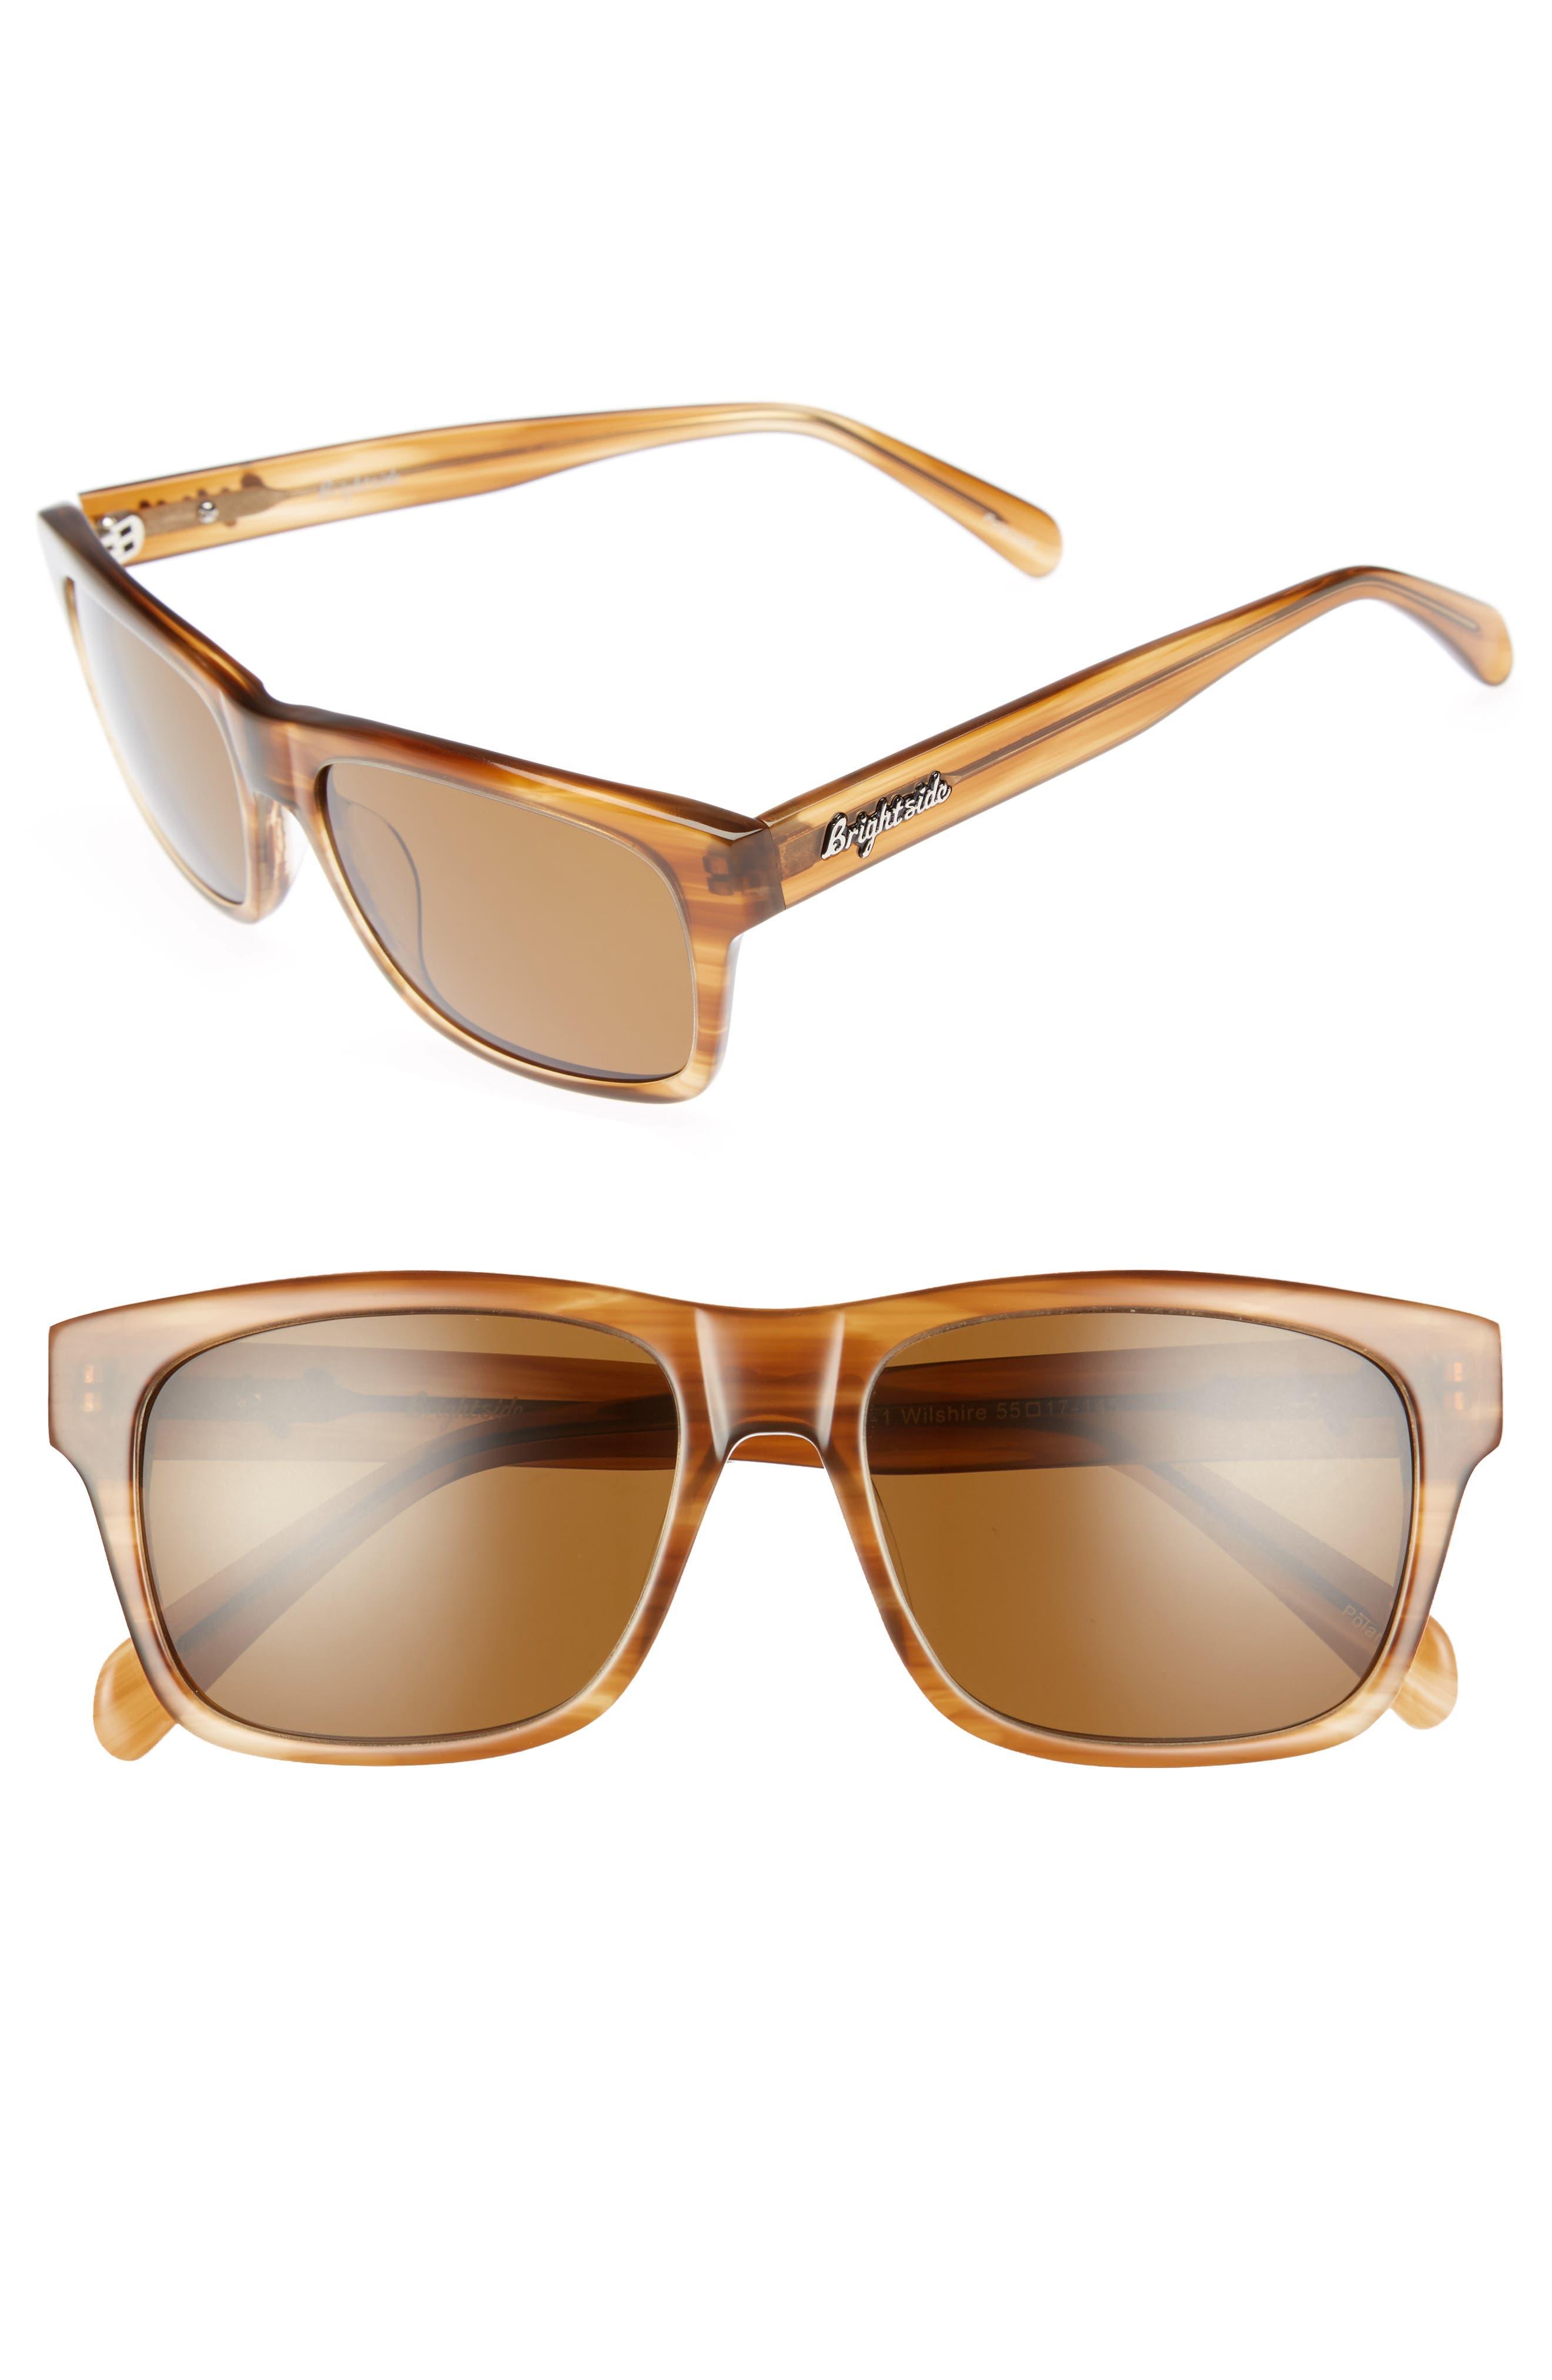 Wilshire 55mm Polarized Sunglasses,                             Main thumbnail 1, color,                             CEDAR/ BROWN POLAR